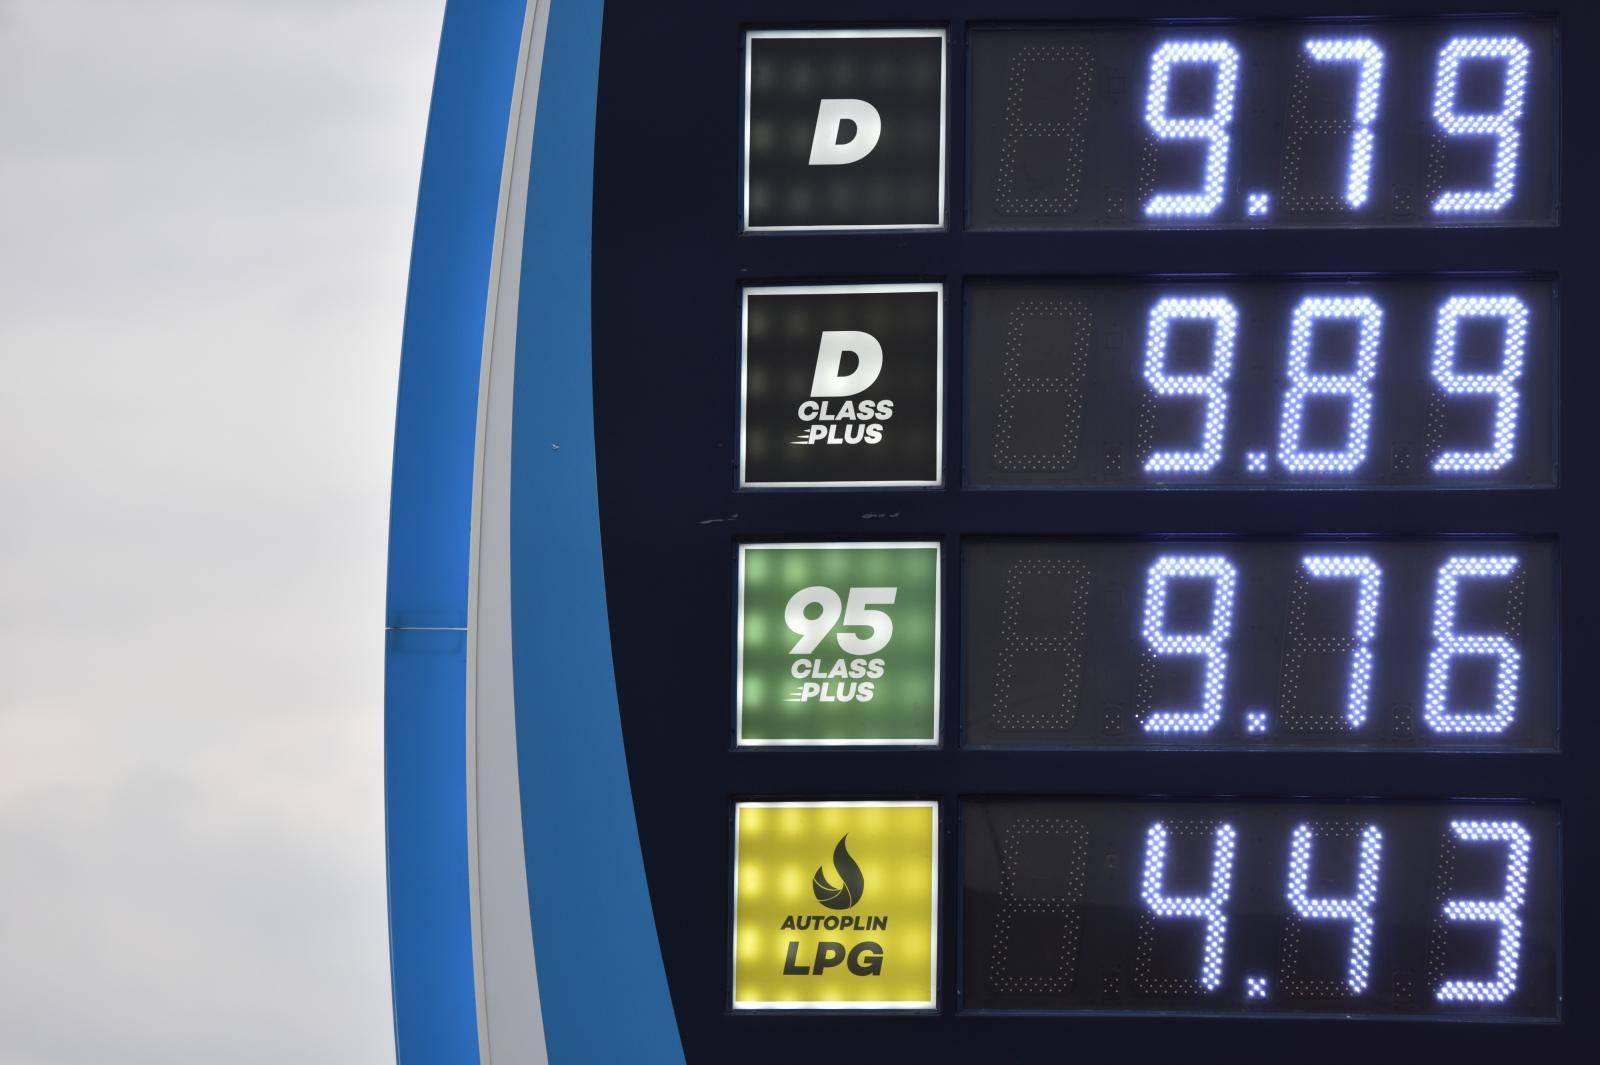 Ponovno porasle cijene goriva: Dizel je  sad skuplji od benzina